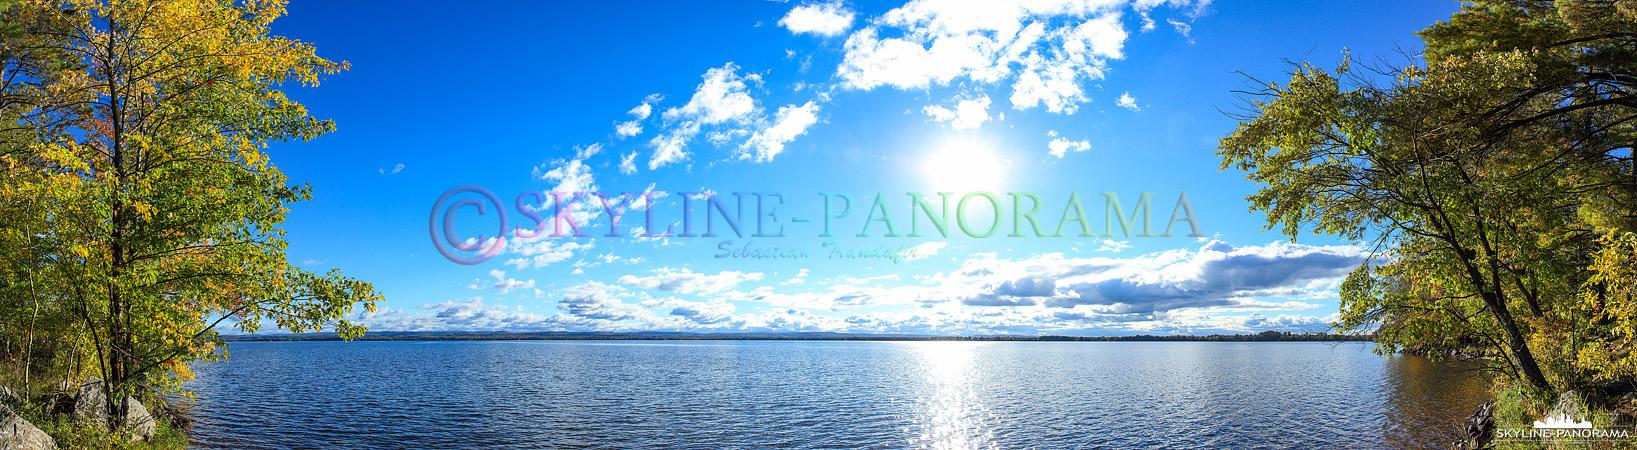 Panorama Indian Summer - Der östlich vom Algonquin Provincial Park in Kanada gelegene Golden Lake als Panorama zur Zeit des Indian Summers.